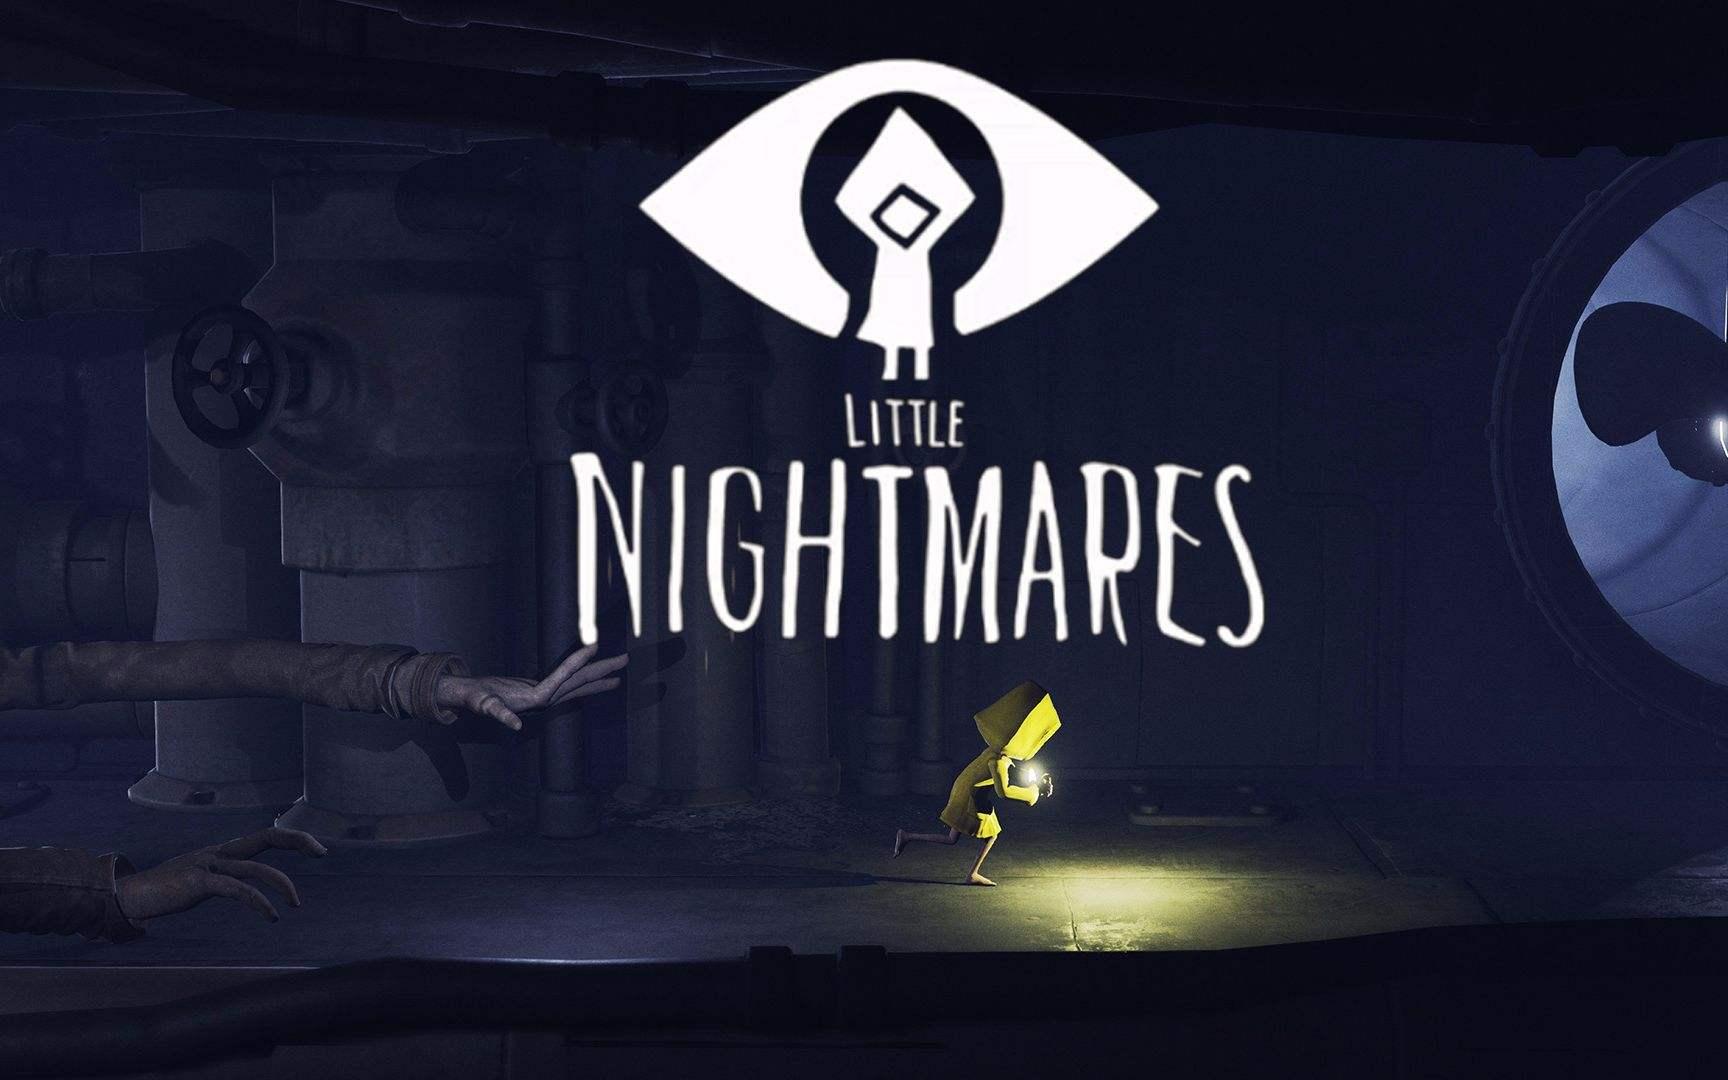 《小小梦魇》评测:体验黑暗童话世界,夏日必玩的恐怖游戏佳作